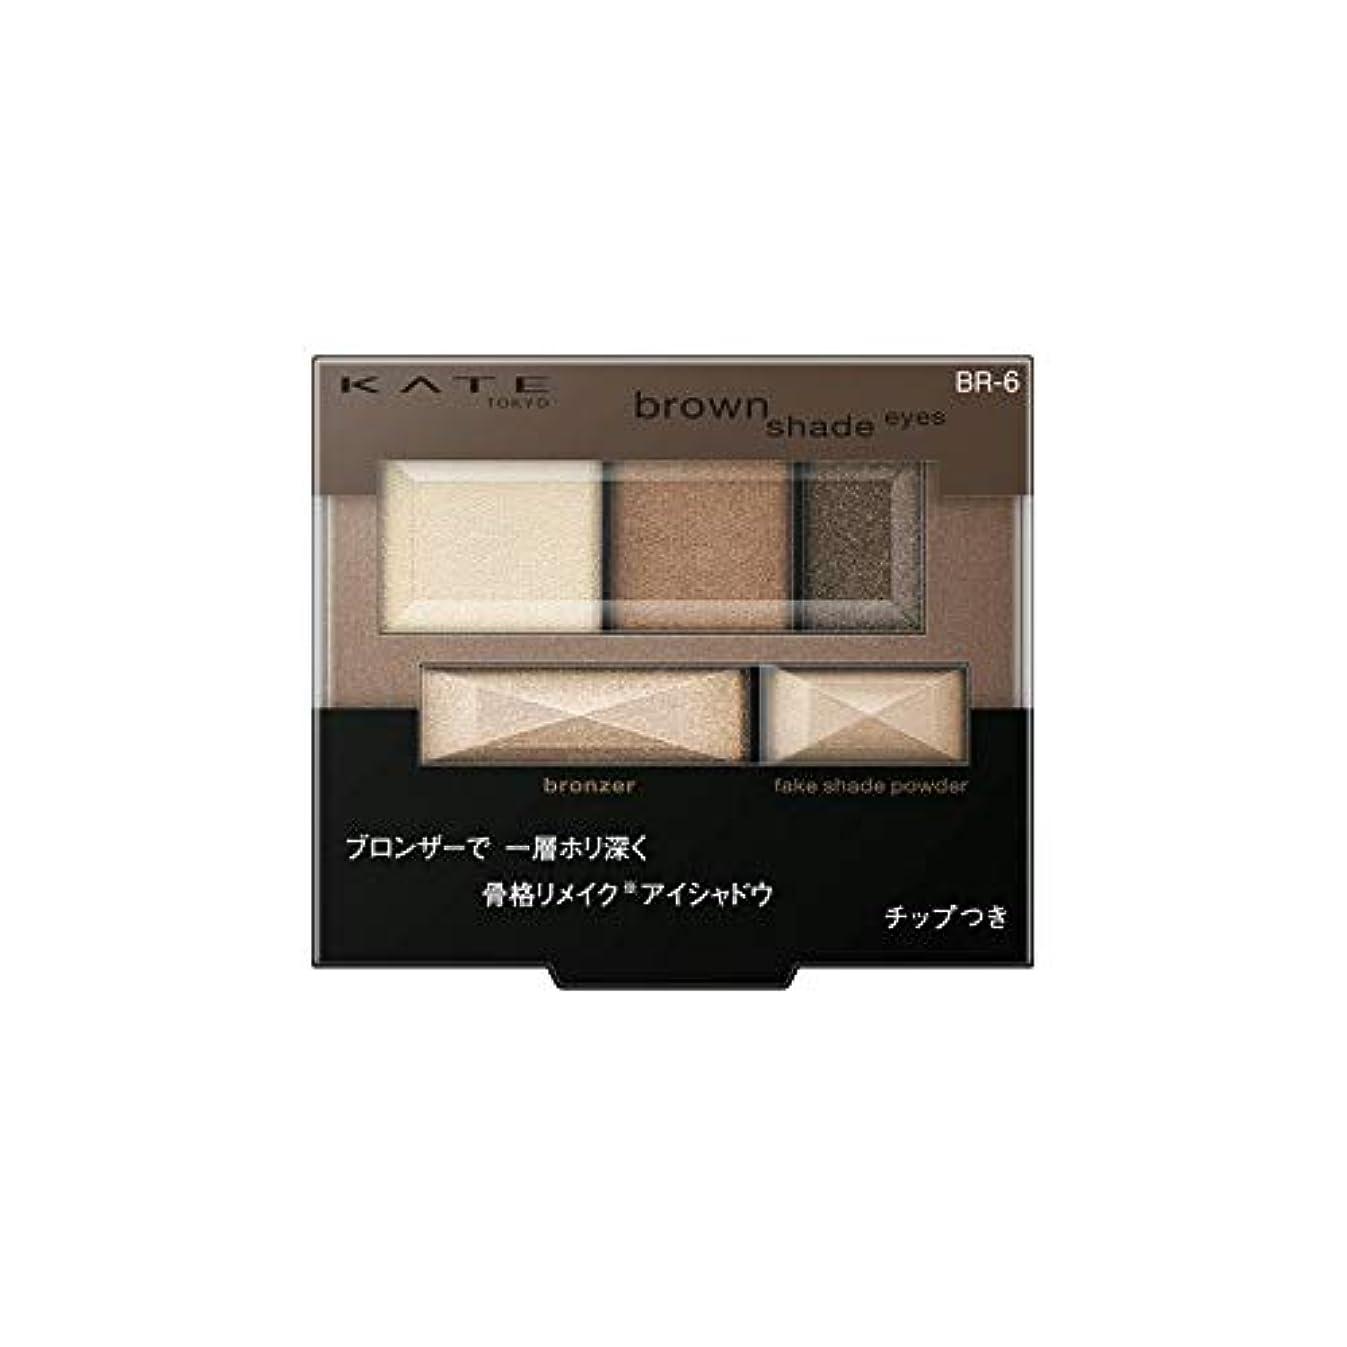 リンケージ松の木同化するケイト ブラウンシェードアイズN #BR-6 マット 3g [並行輸入品]